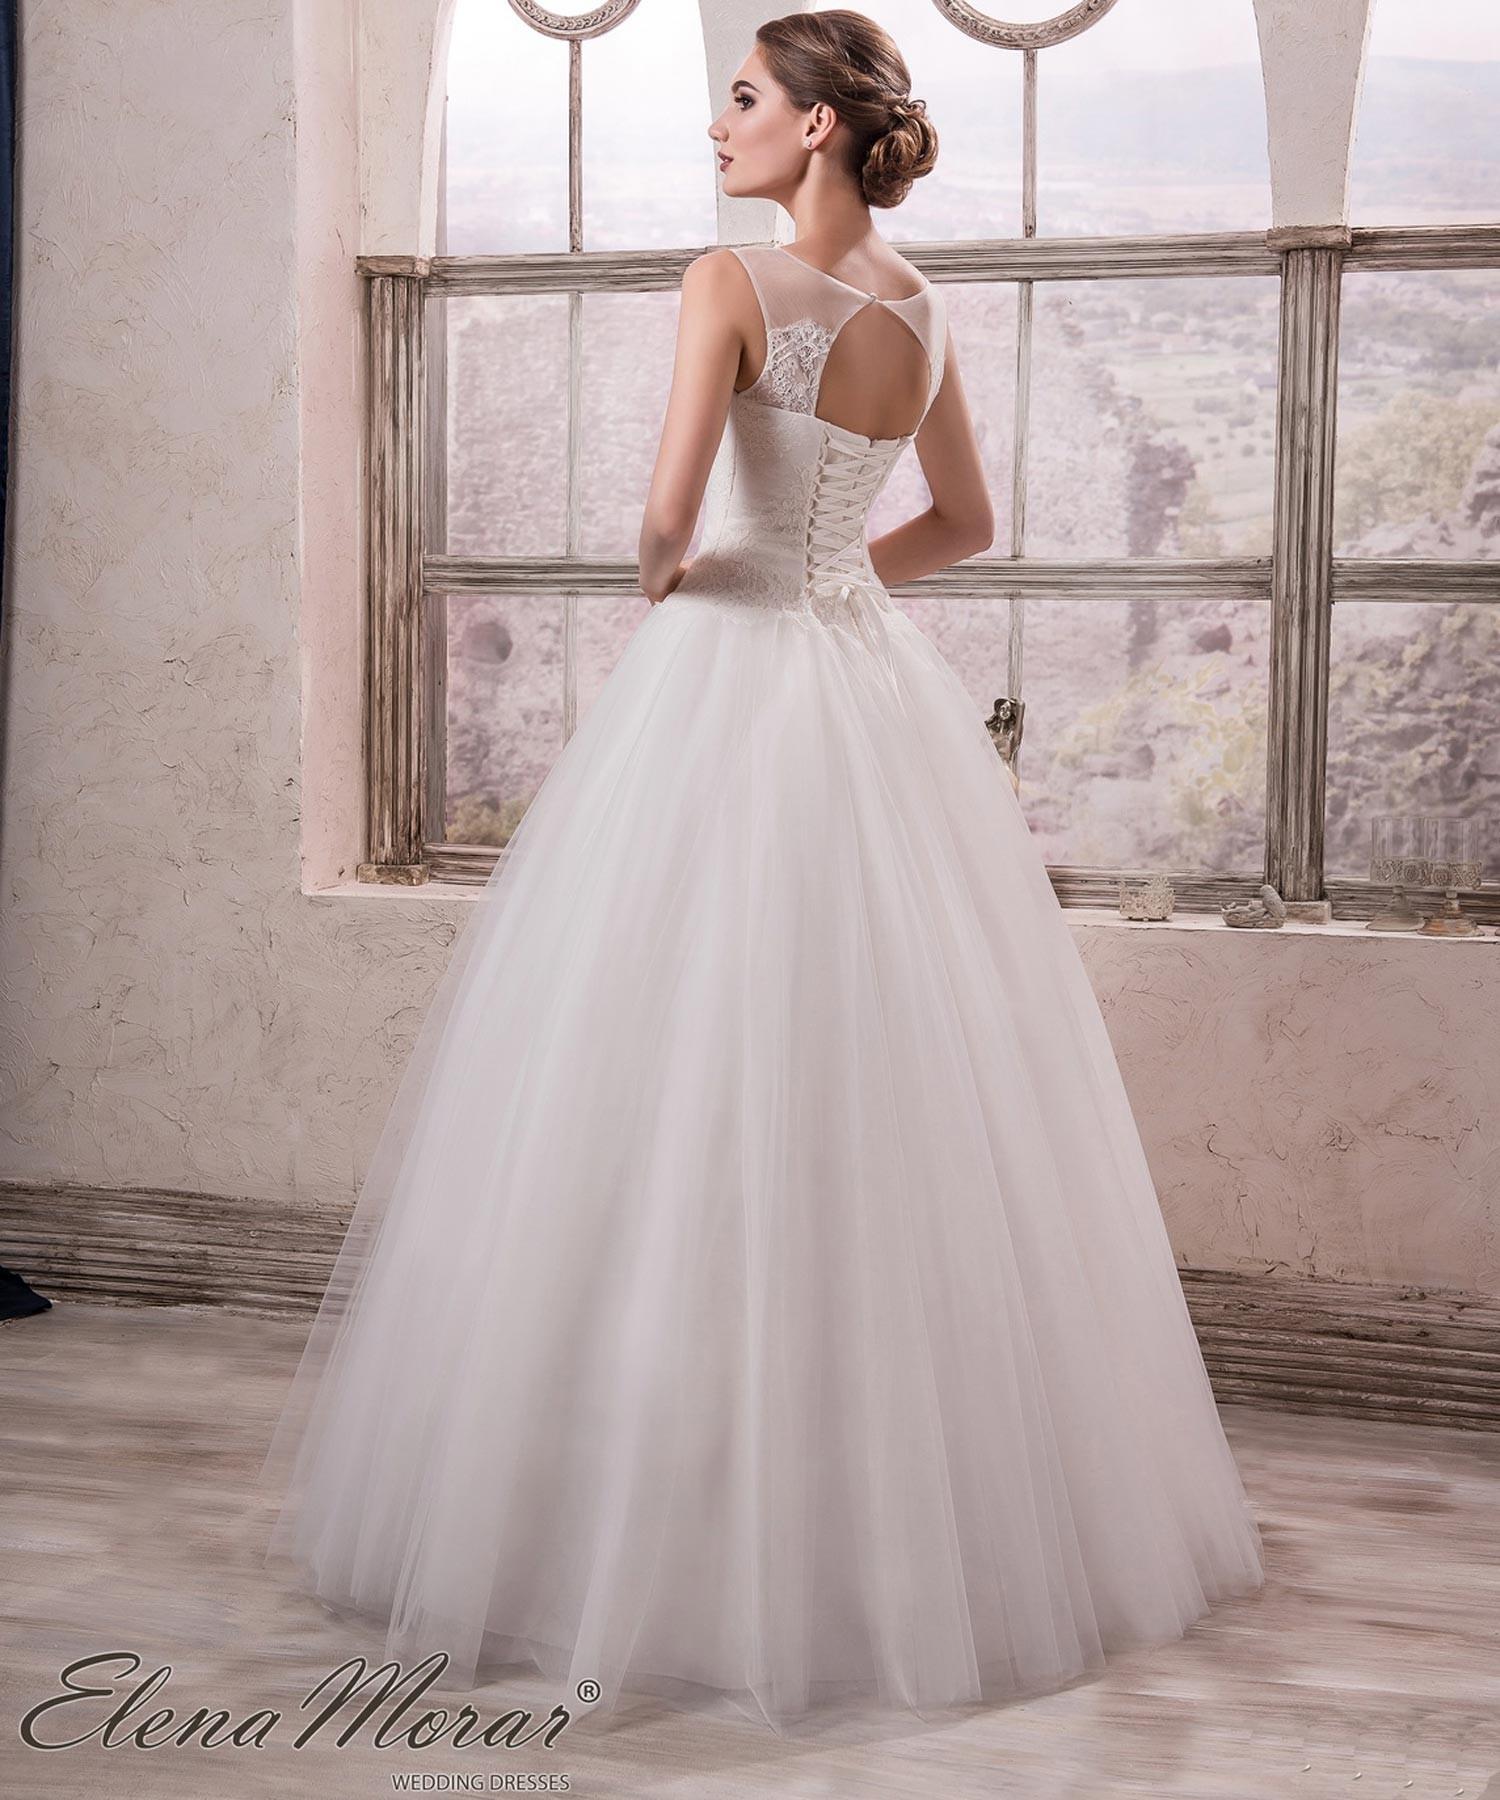 Robe de mariée bustier dentelle française